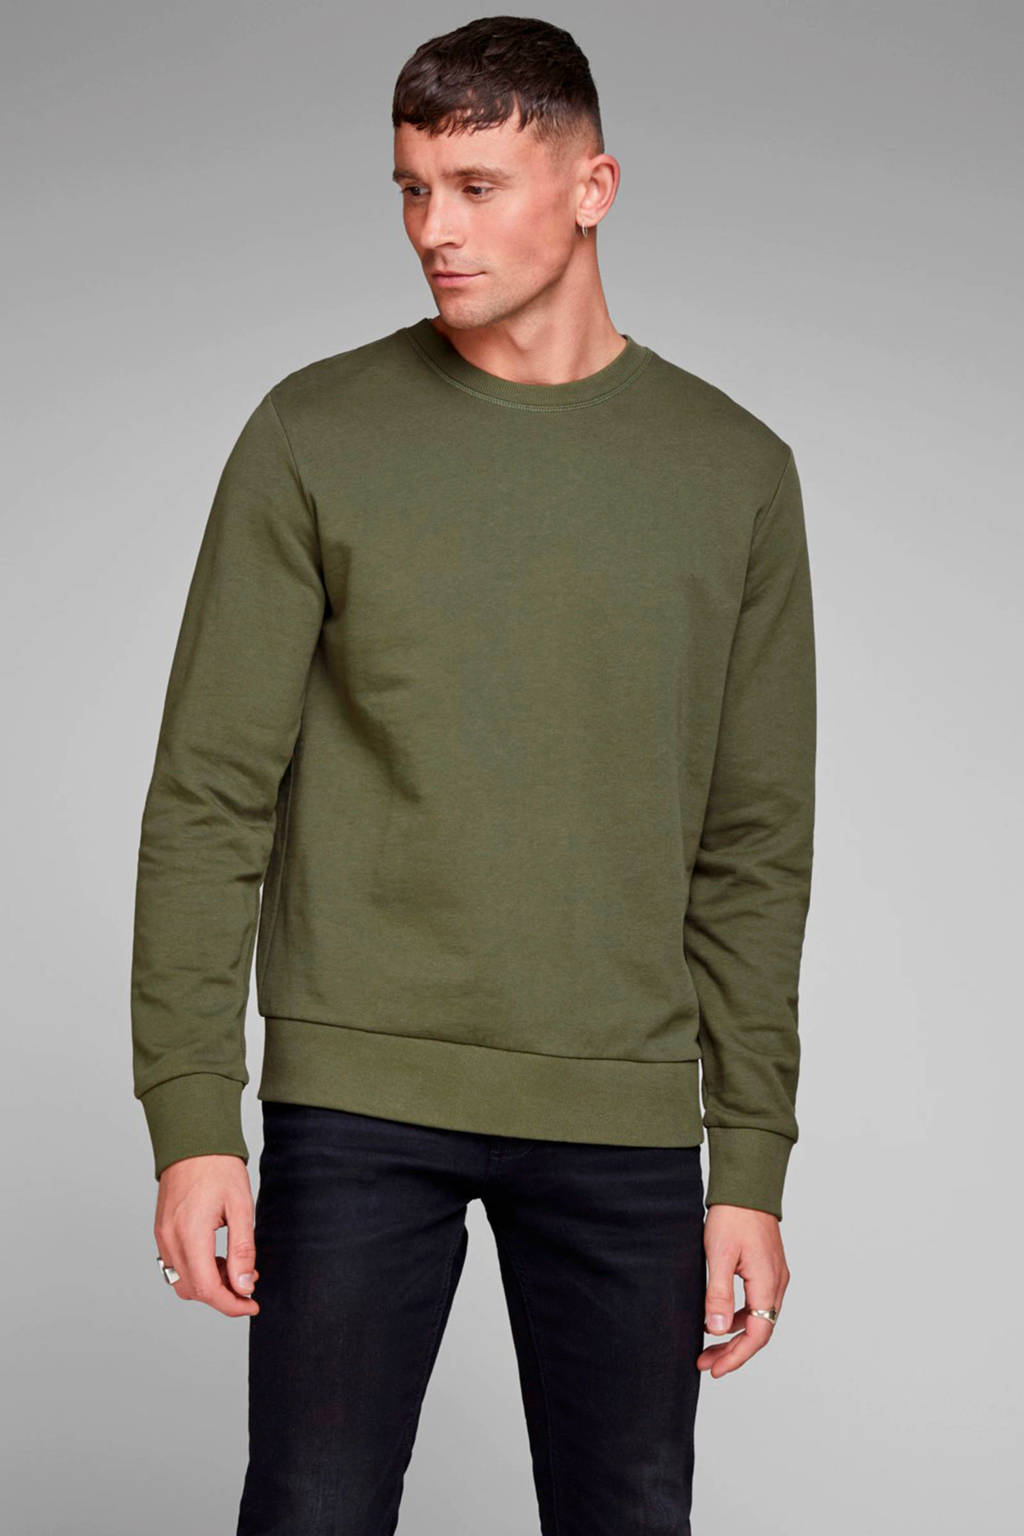 JACK & JONES ESSENTIALS sweater olijfgroen, Olijfgroen